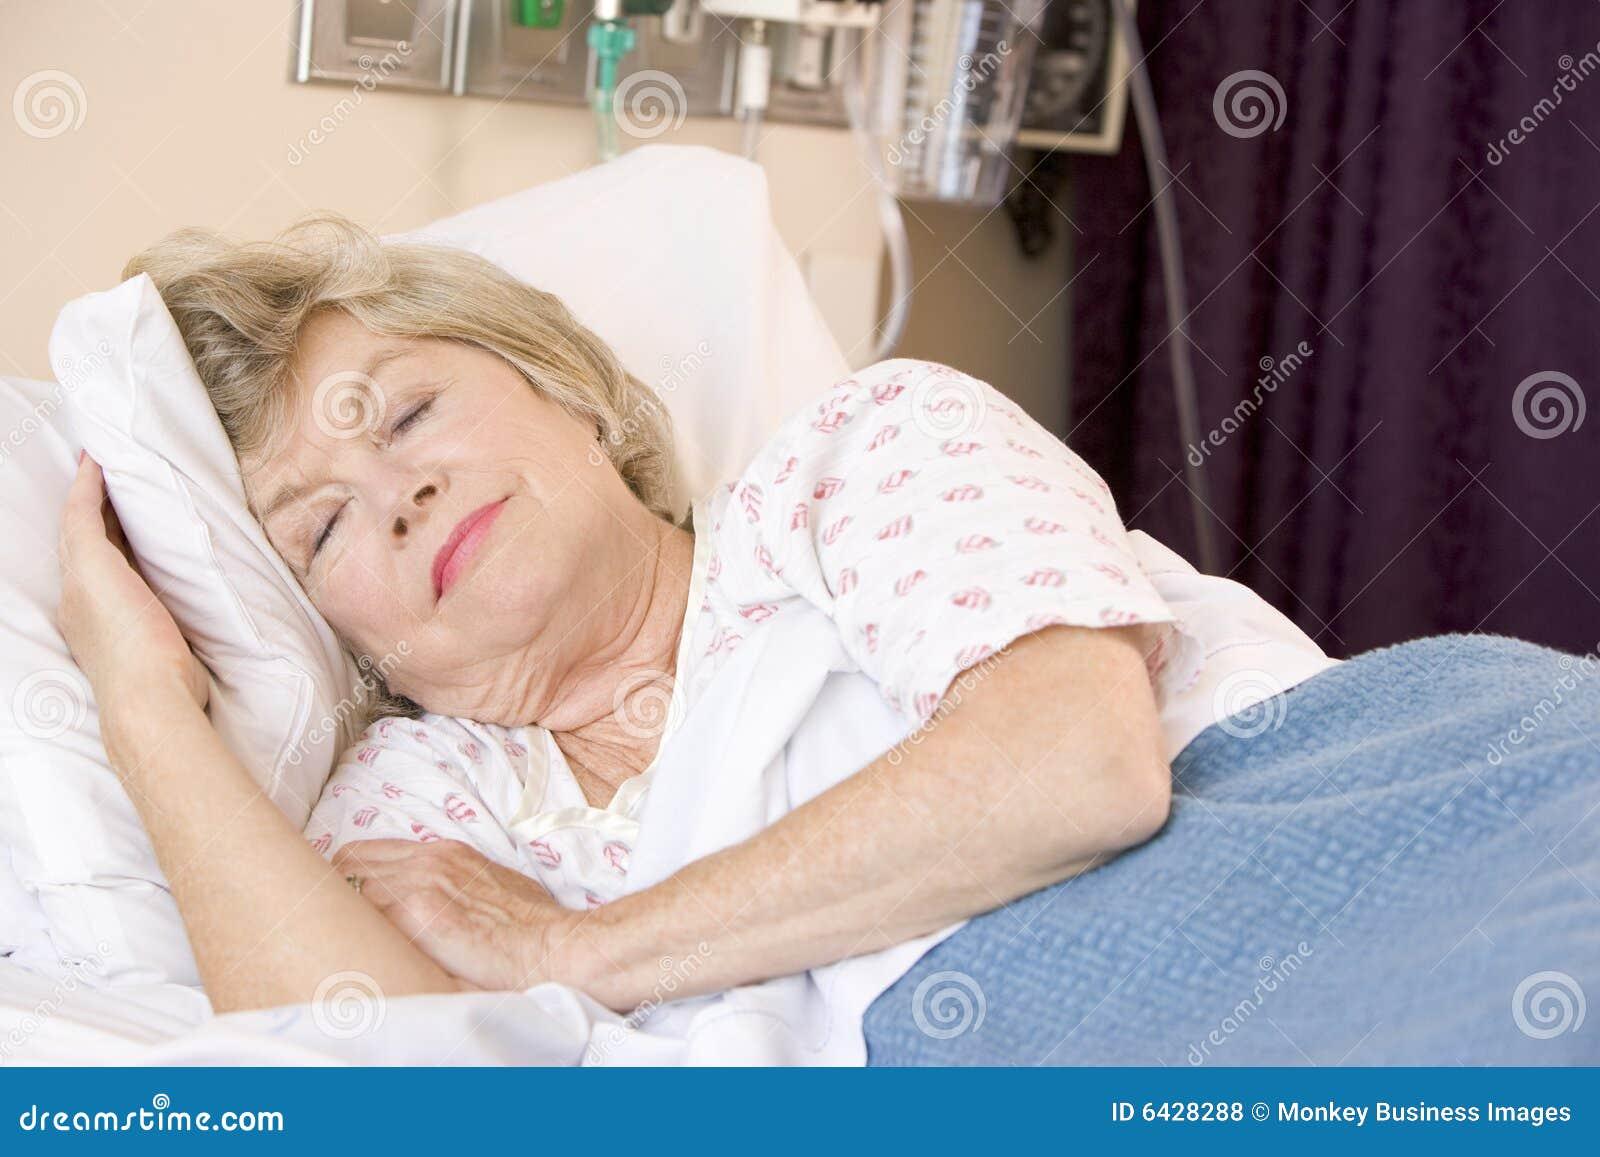 Фото спит в халате 13 фотография